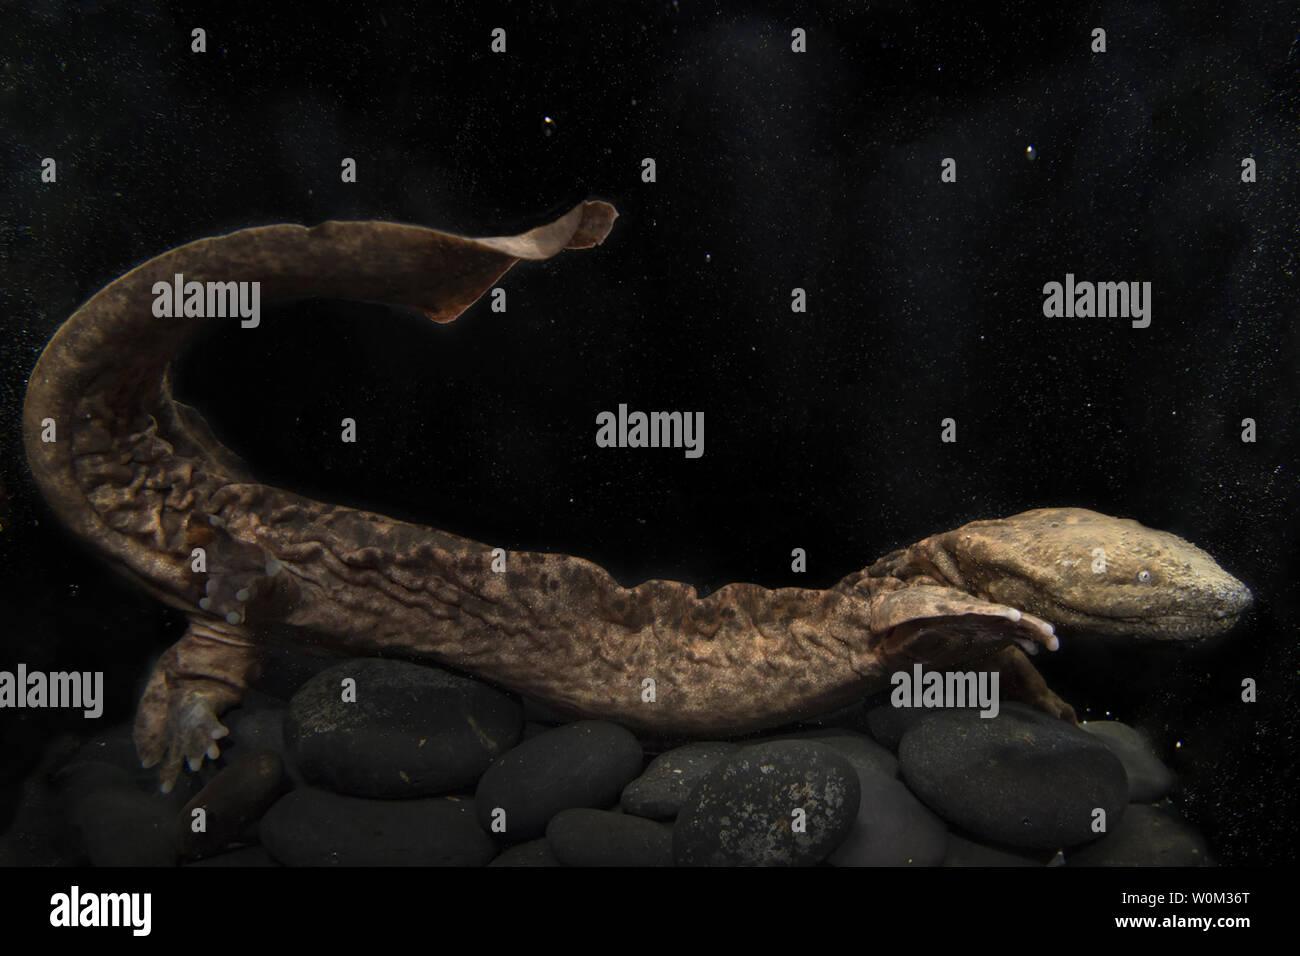 Hellbender Salamander Stock Photos & Hellbender Salamander